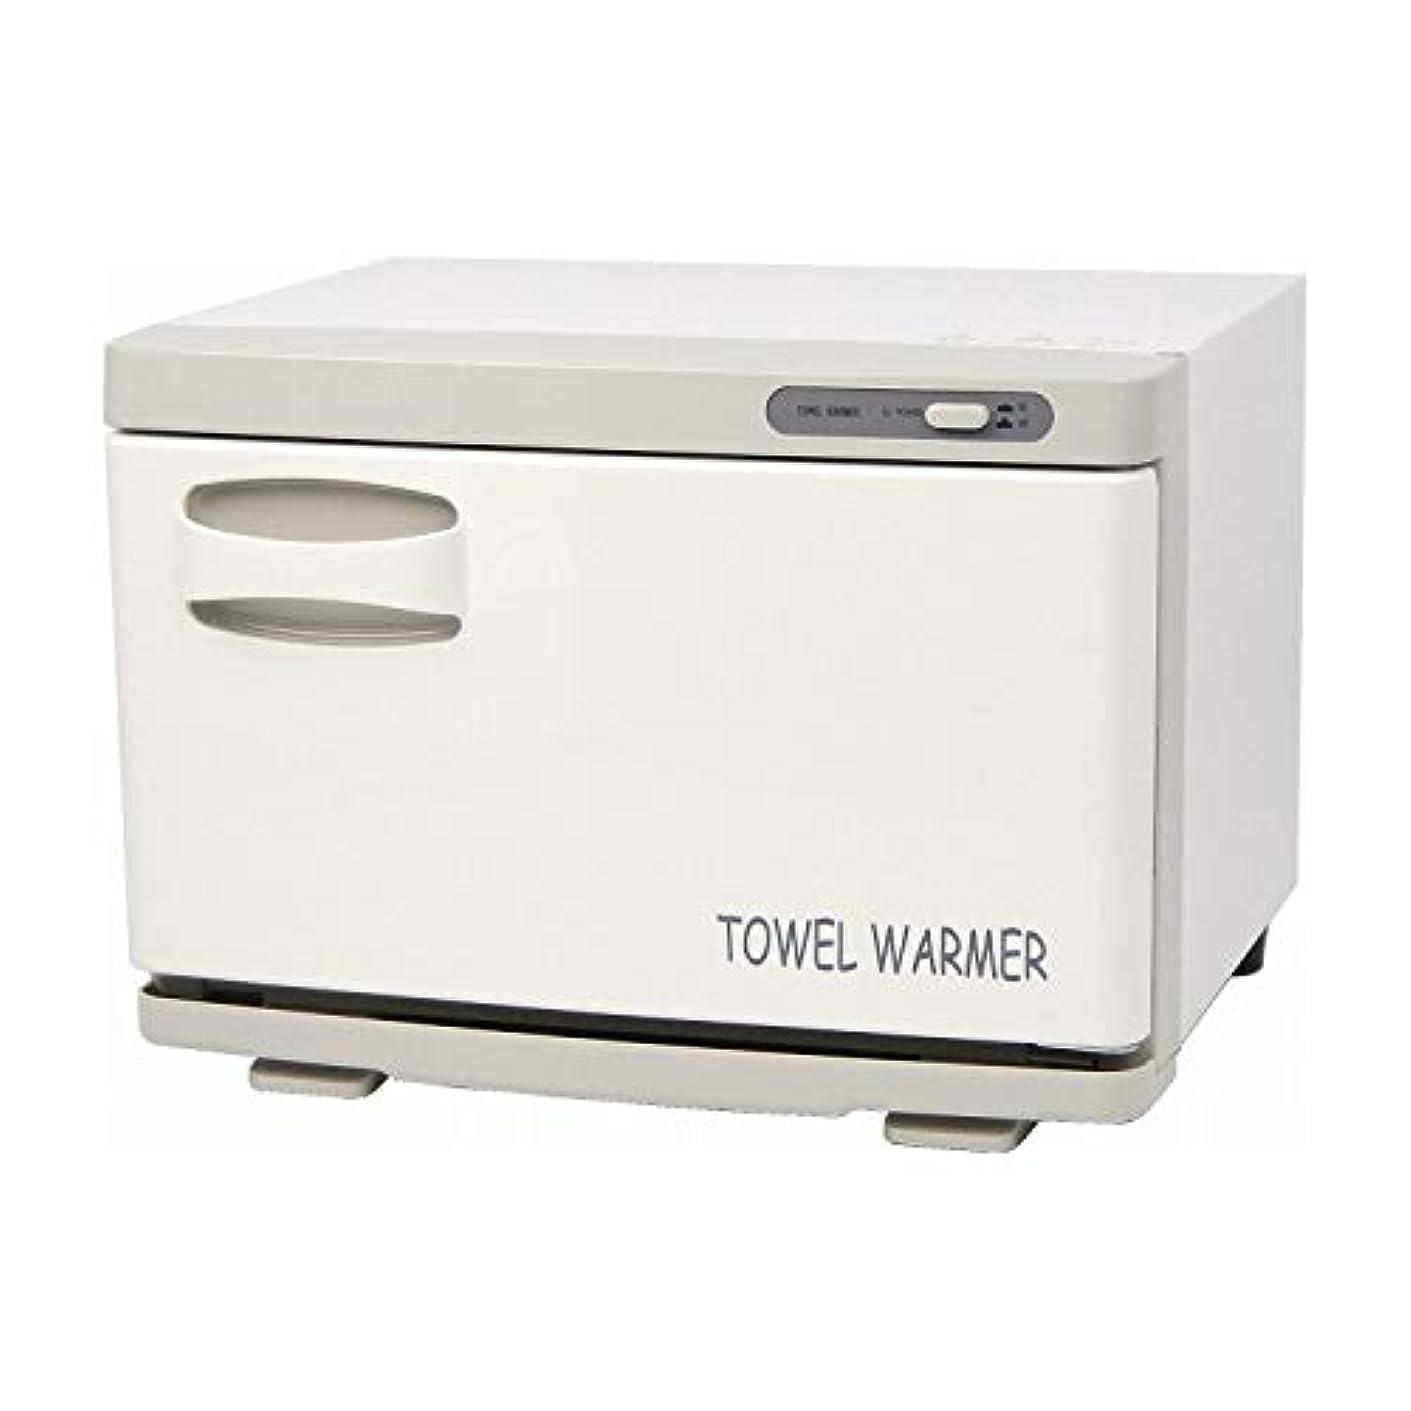 アトラスレスリング深いタオルウォーマー TW-12F[ホワイト前開き]新品 おしぼり蒸し器 おしぼりウォーマー ホットウォーマー タオル蒸し器 タオルウオーマー ホットボックス